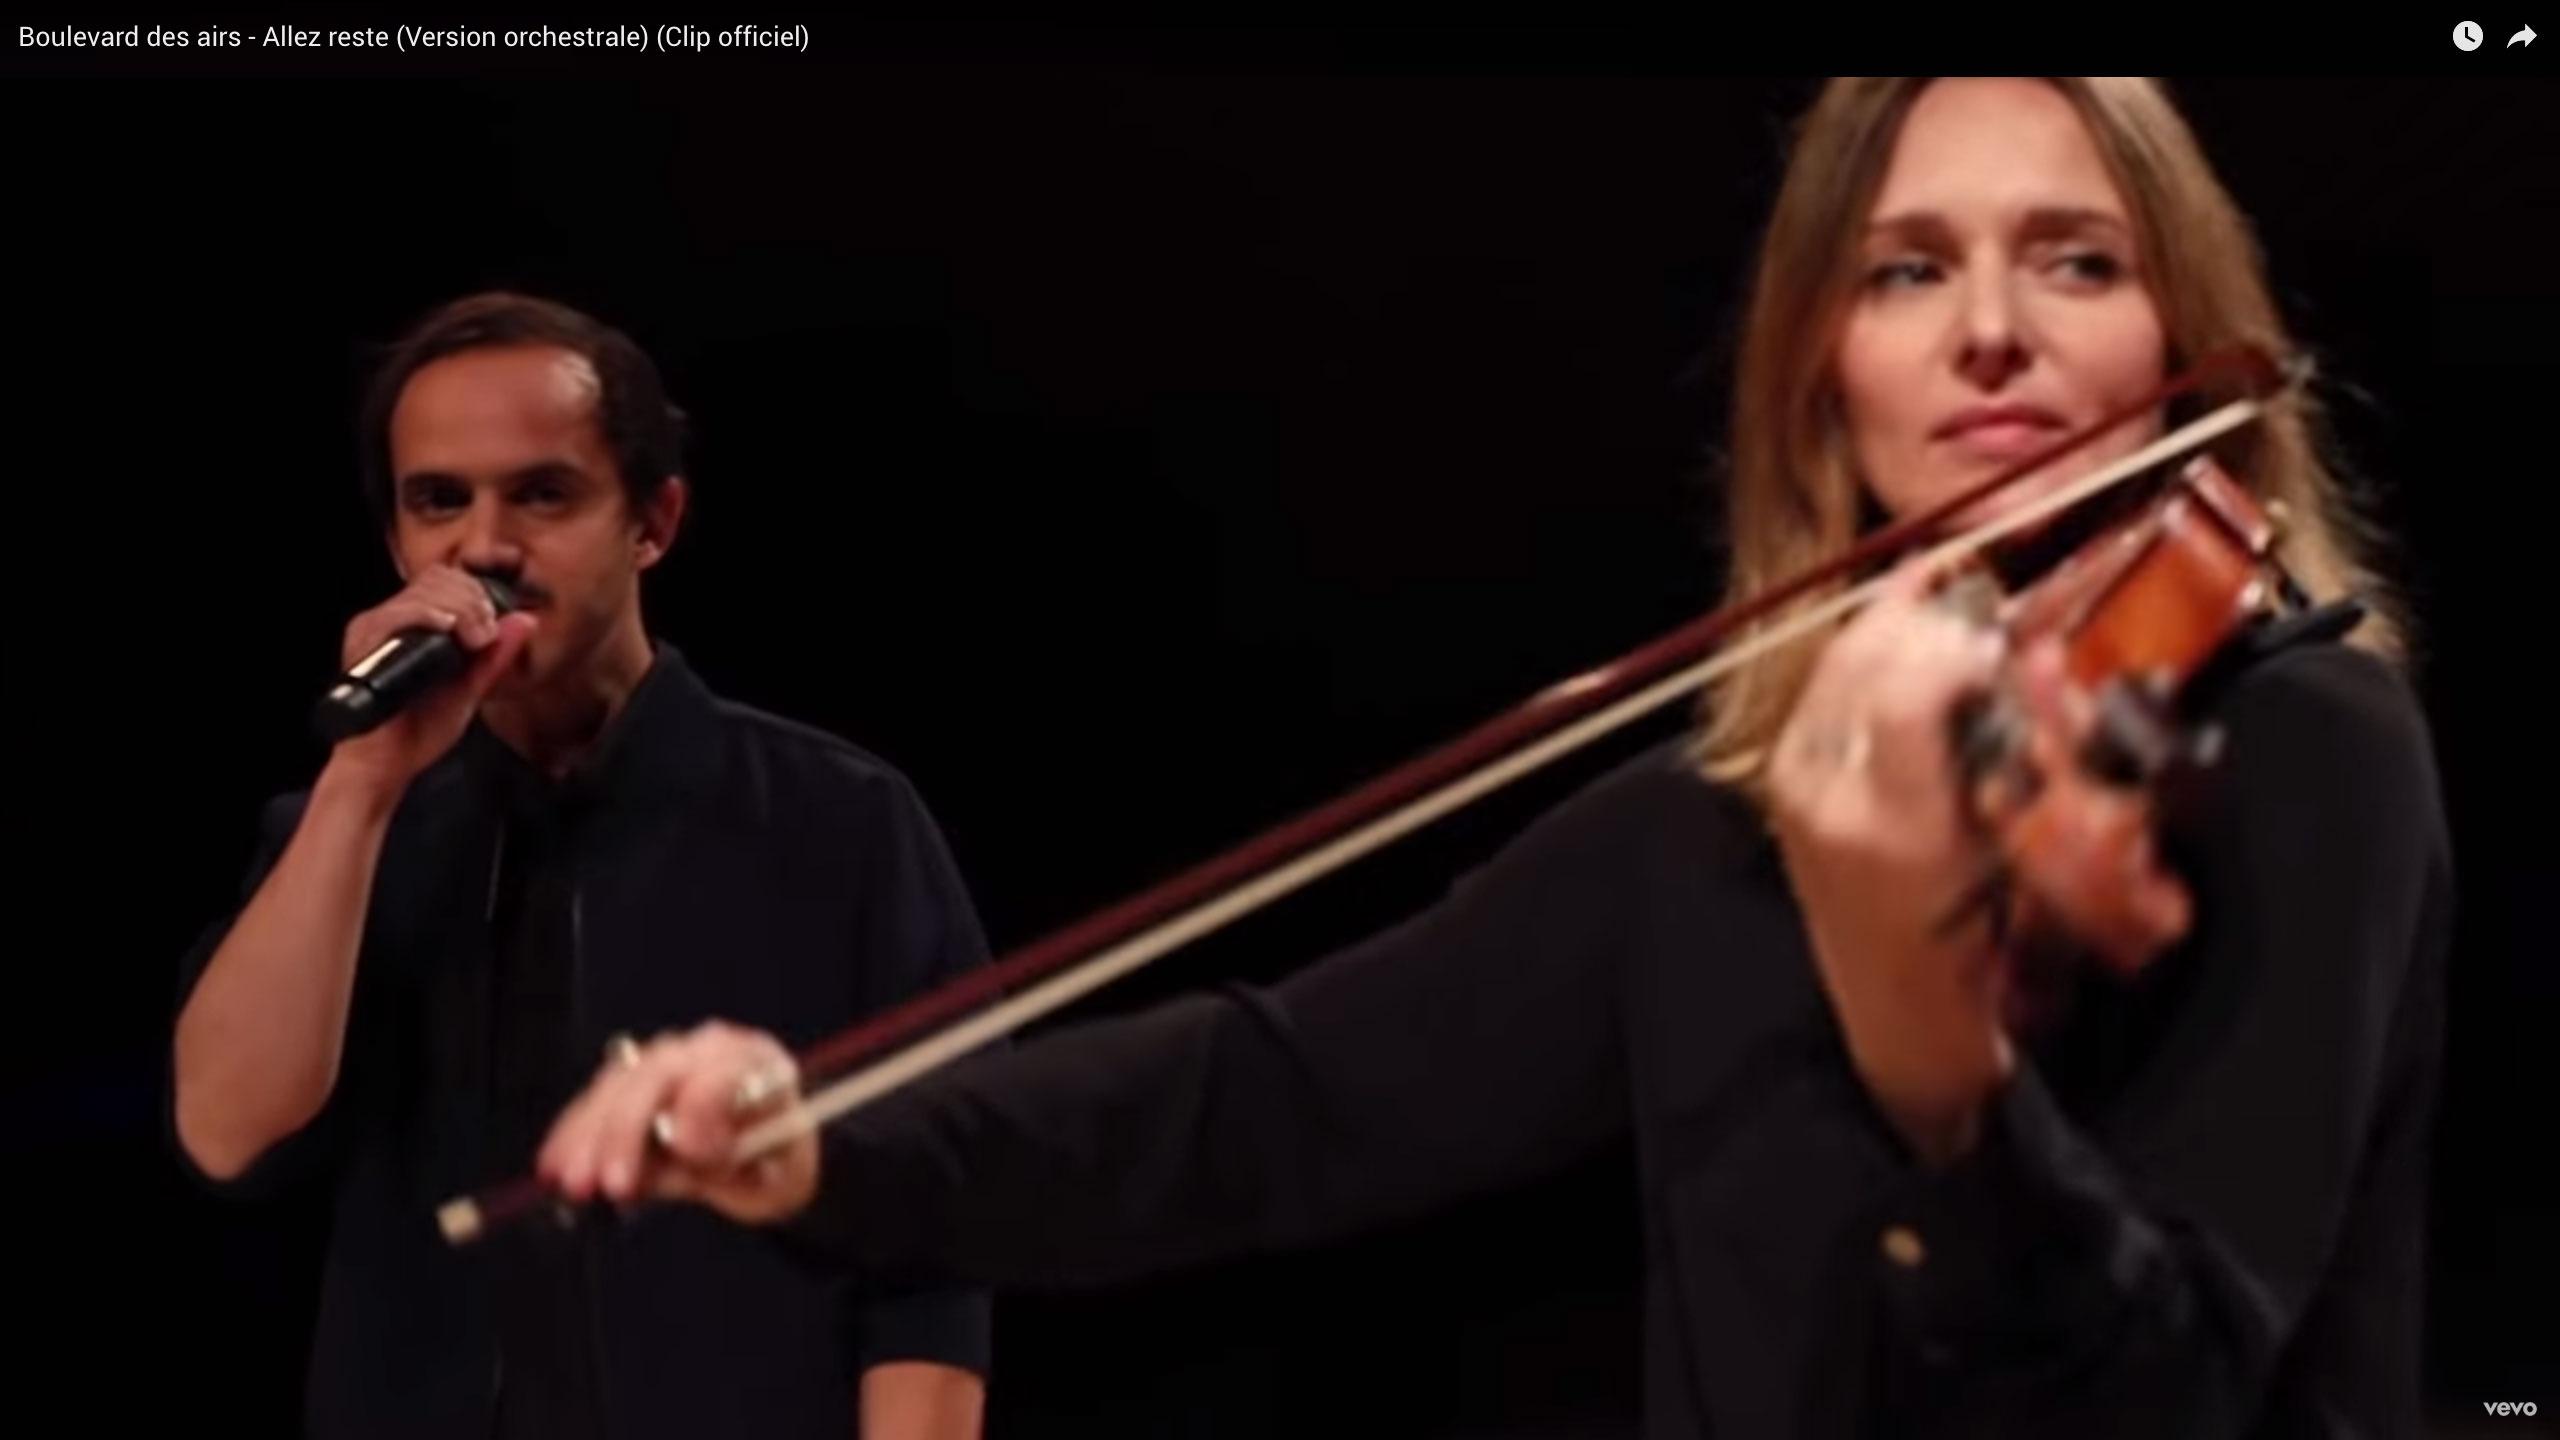 a Allez reste Version orchestrale Paul Rouger Images Benoit Mallory Boulevard des Airs